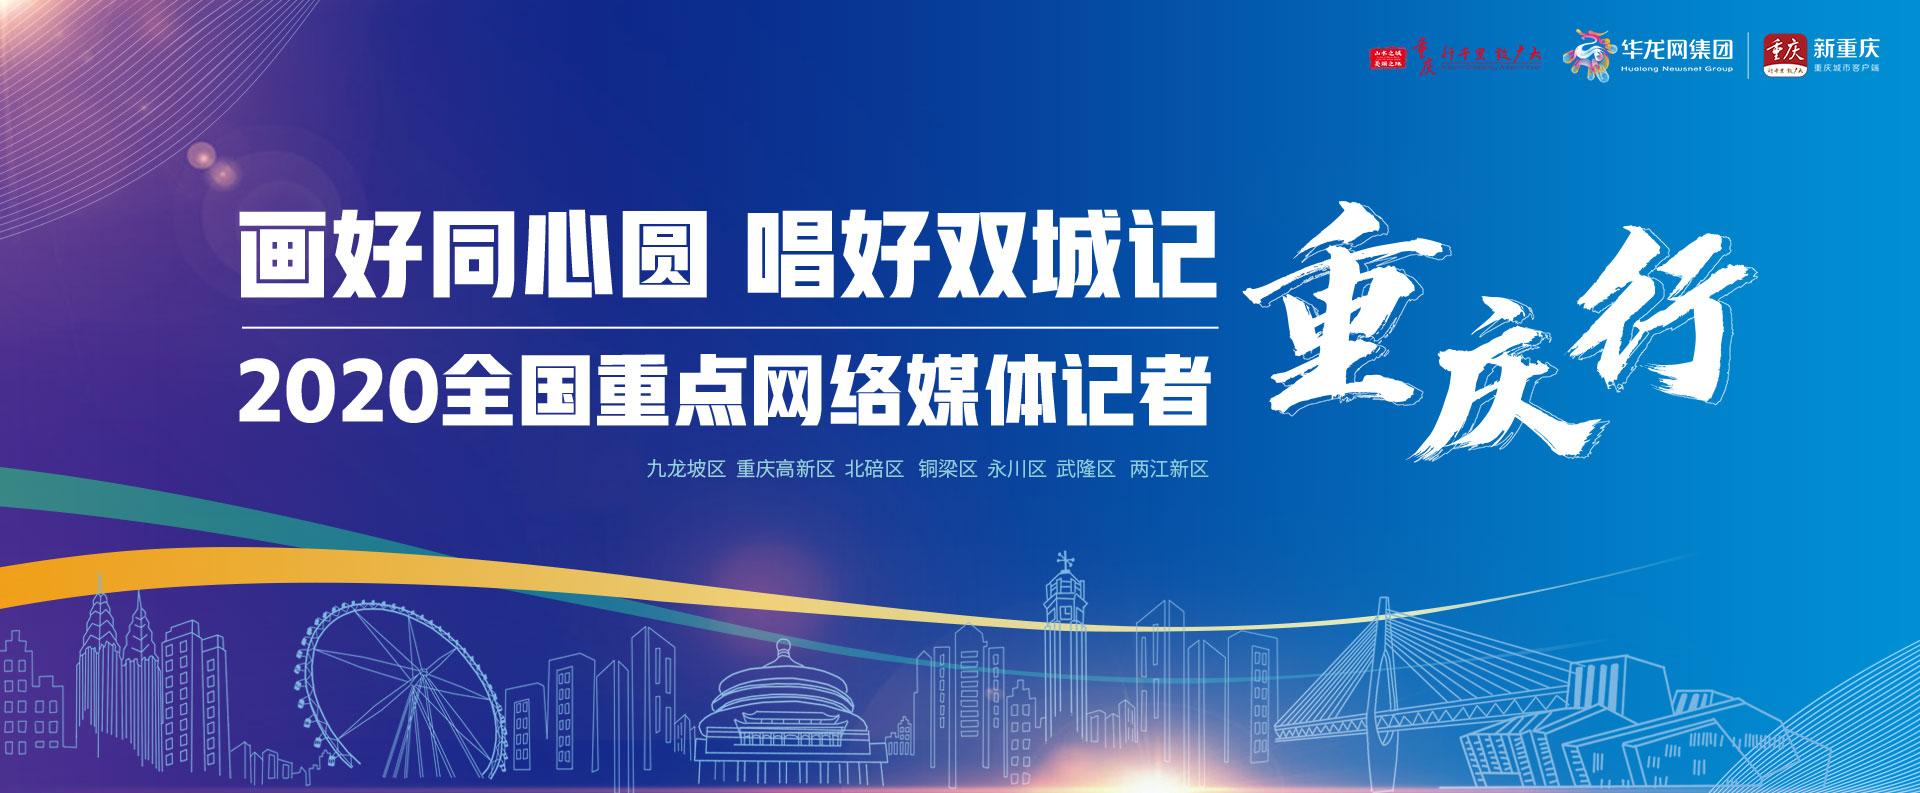 【舜网视频】全国重点网络媒体记者重庆行——走进重庆高新区